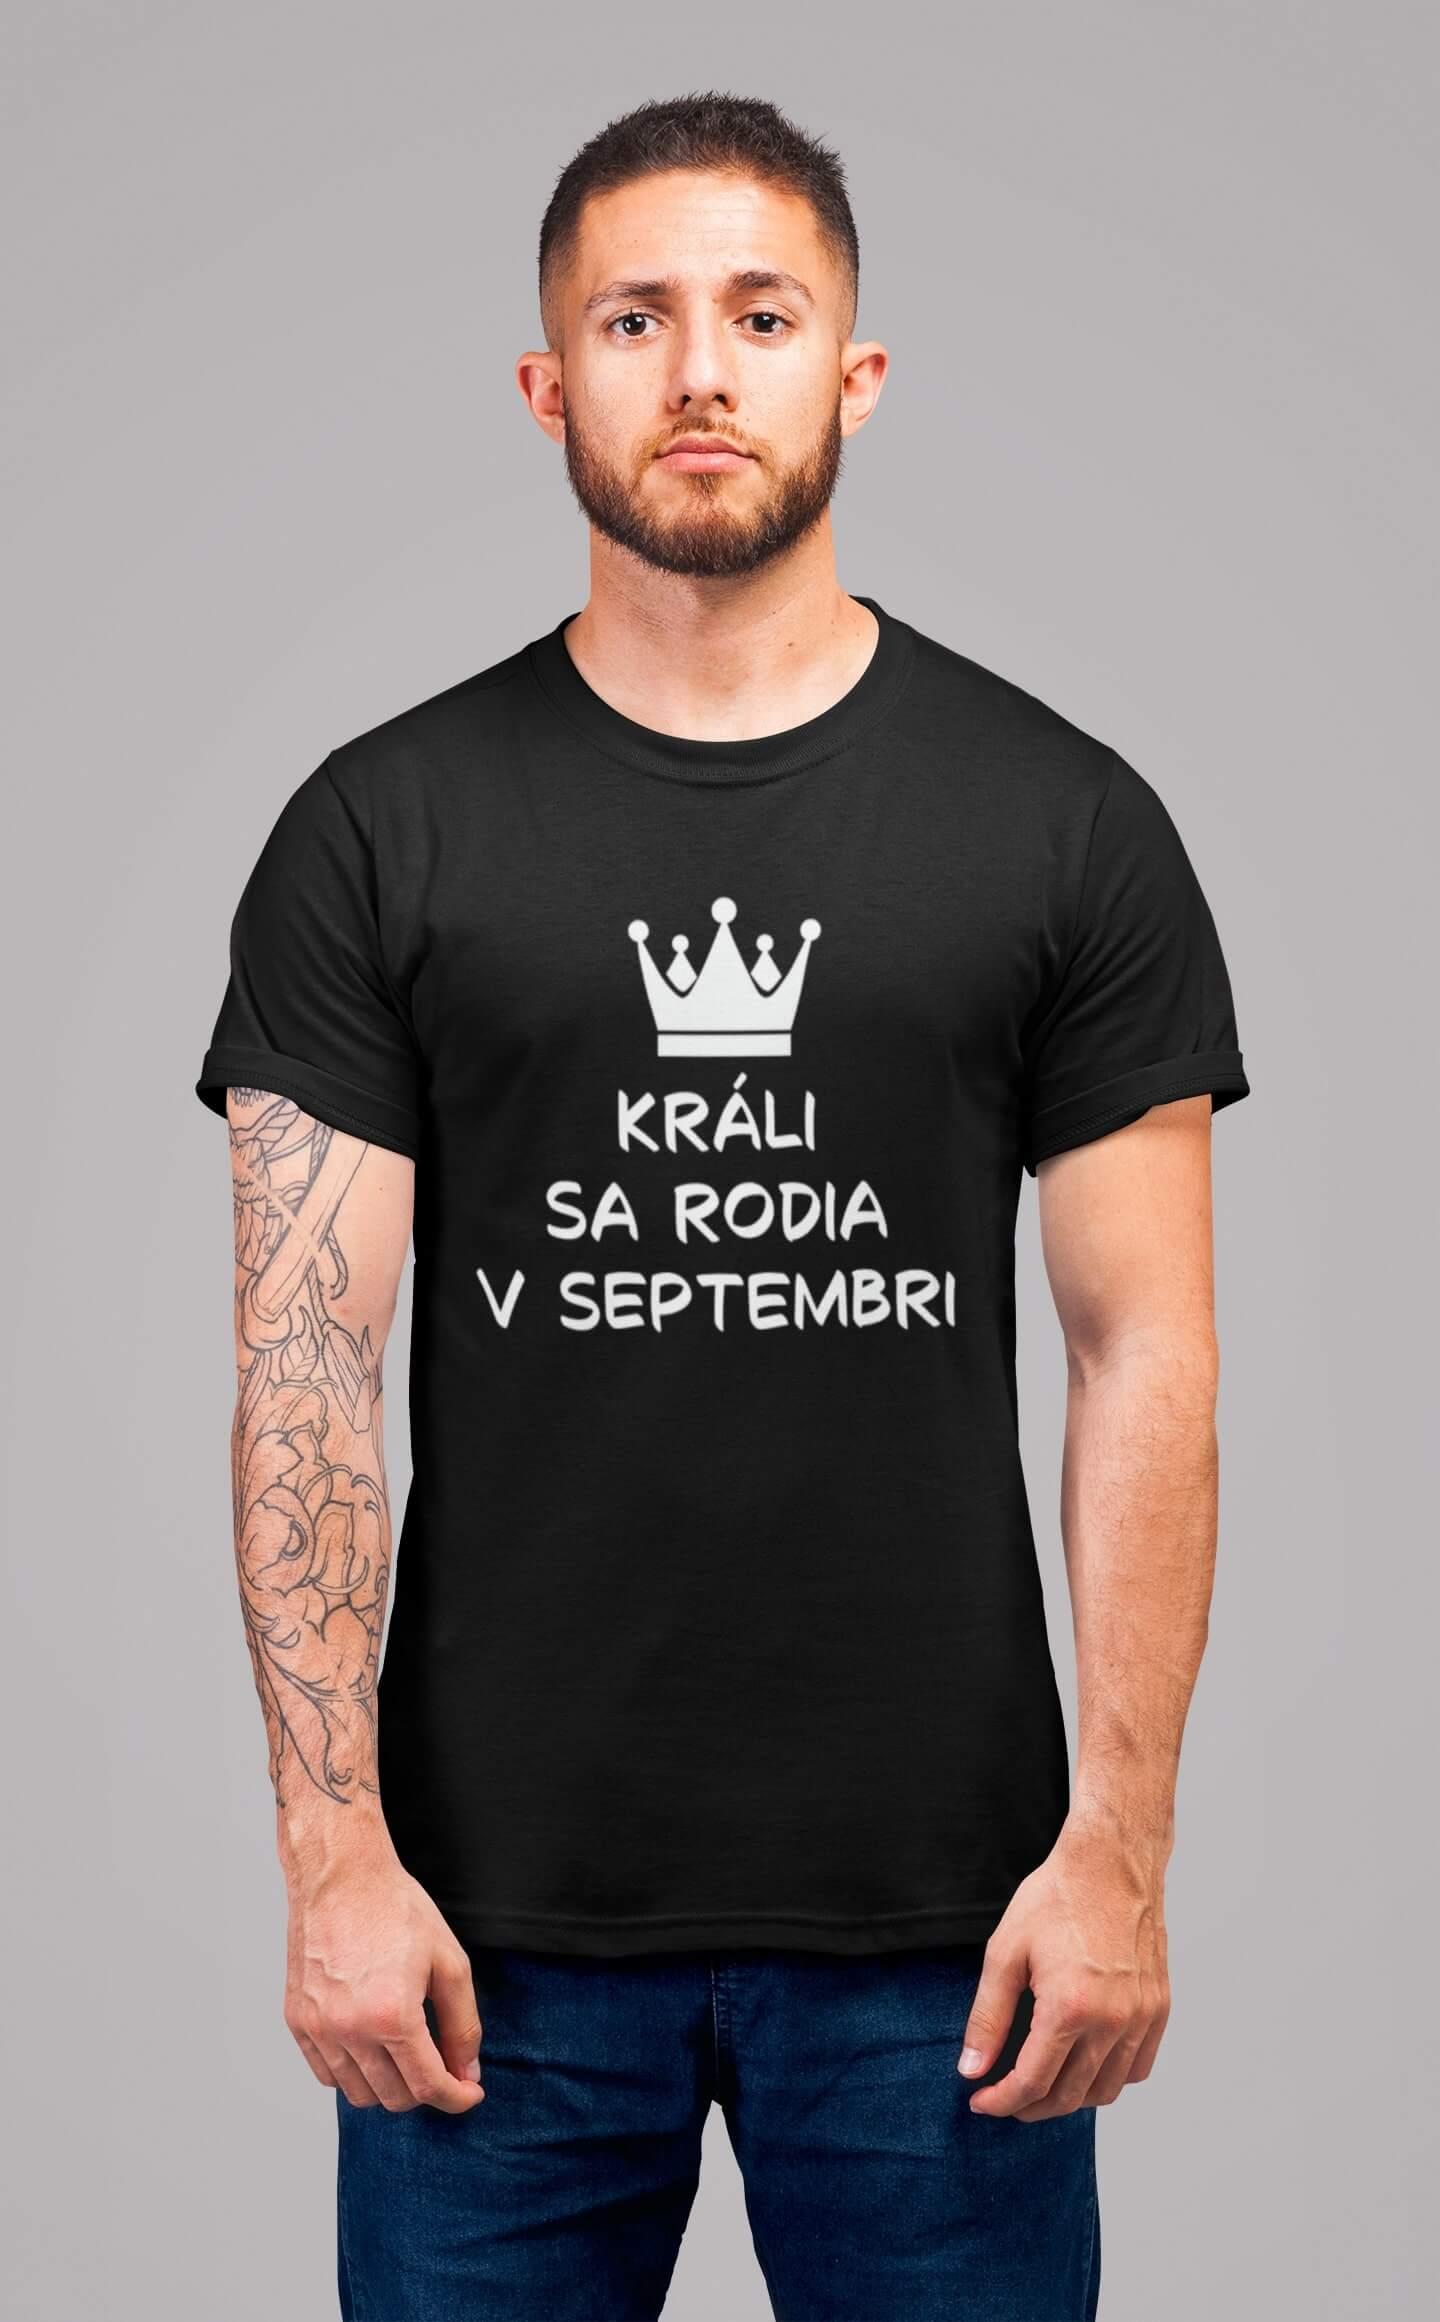 MMO Pánske tričko Králi sa rodia v septembri Vyberte farbu: Čierna, Vyberte veľkosť: L